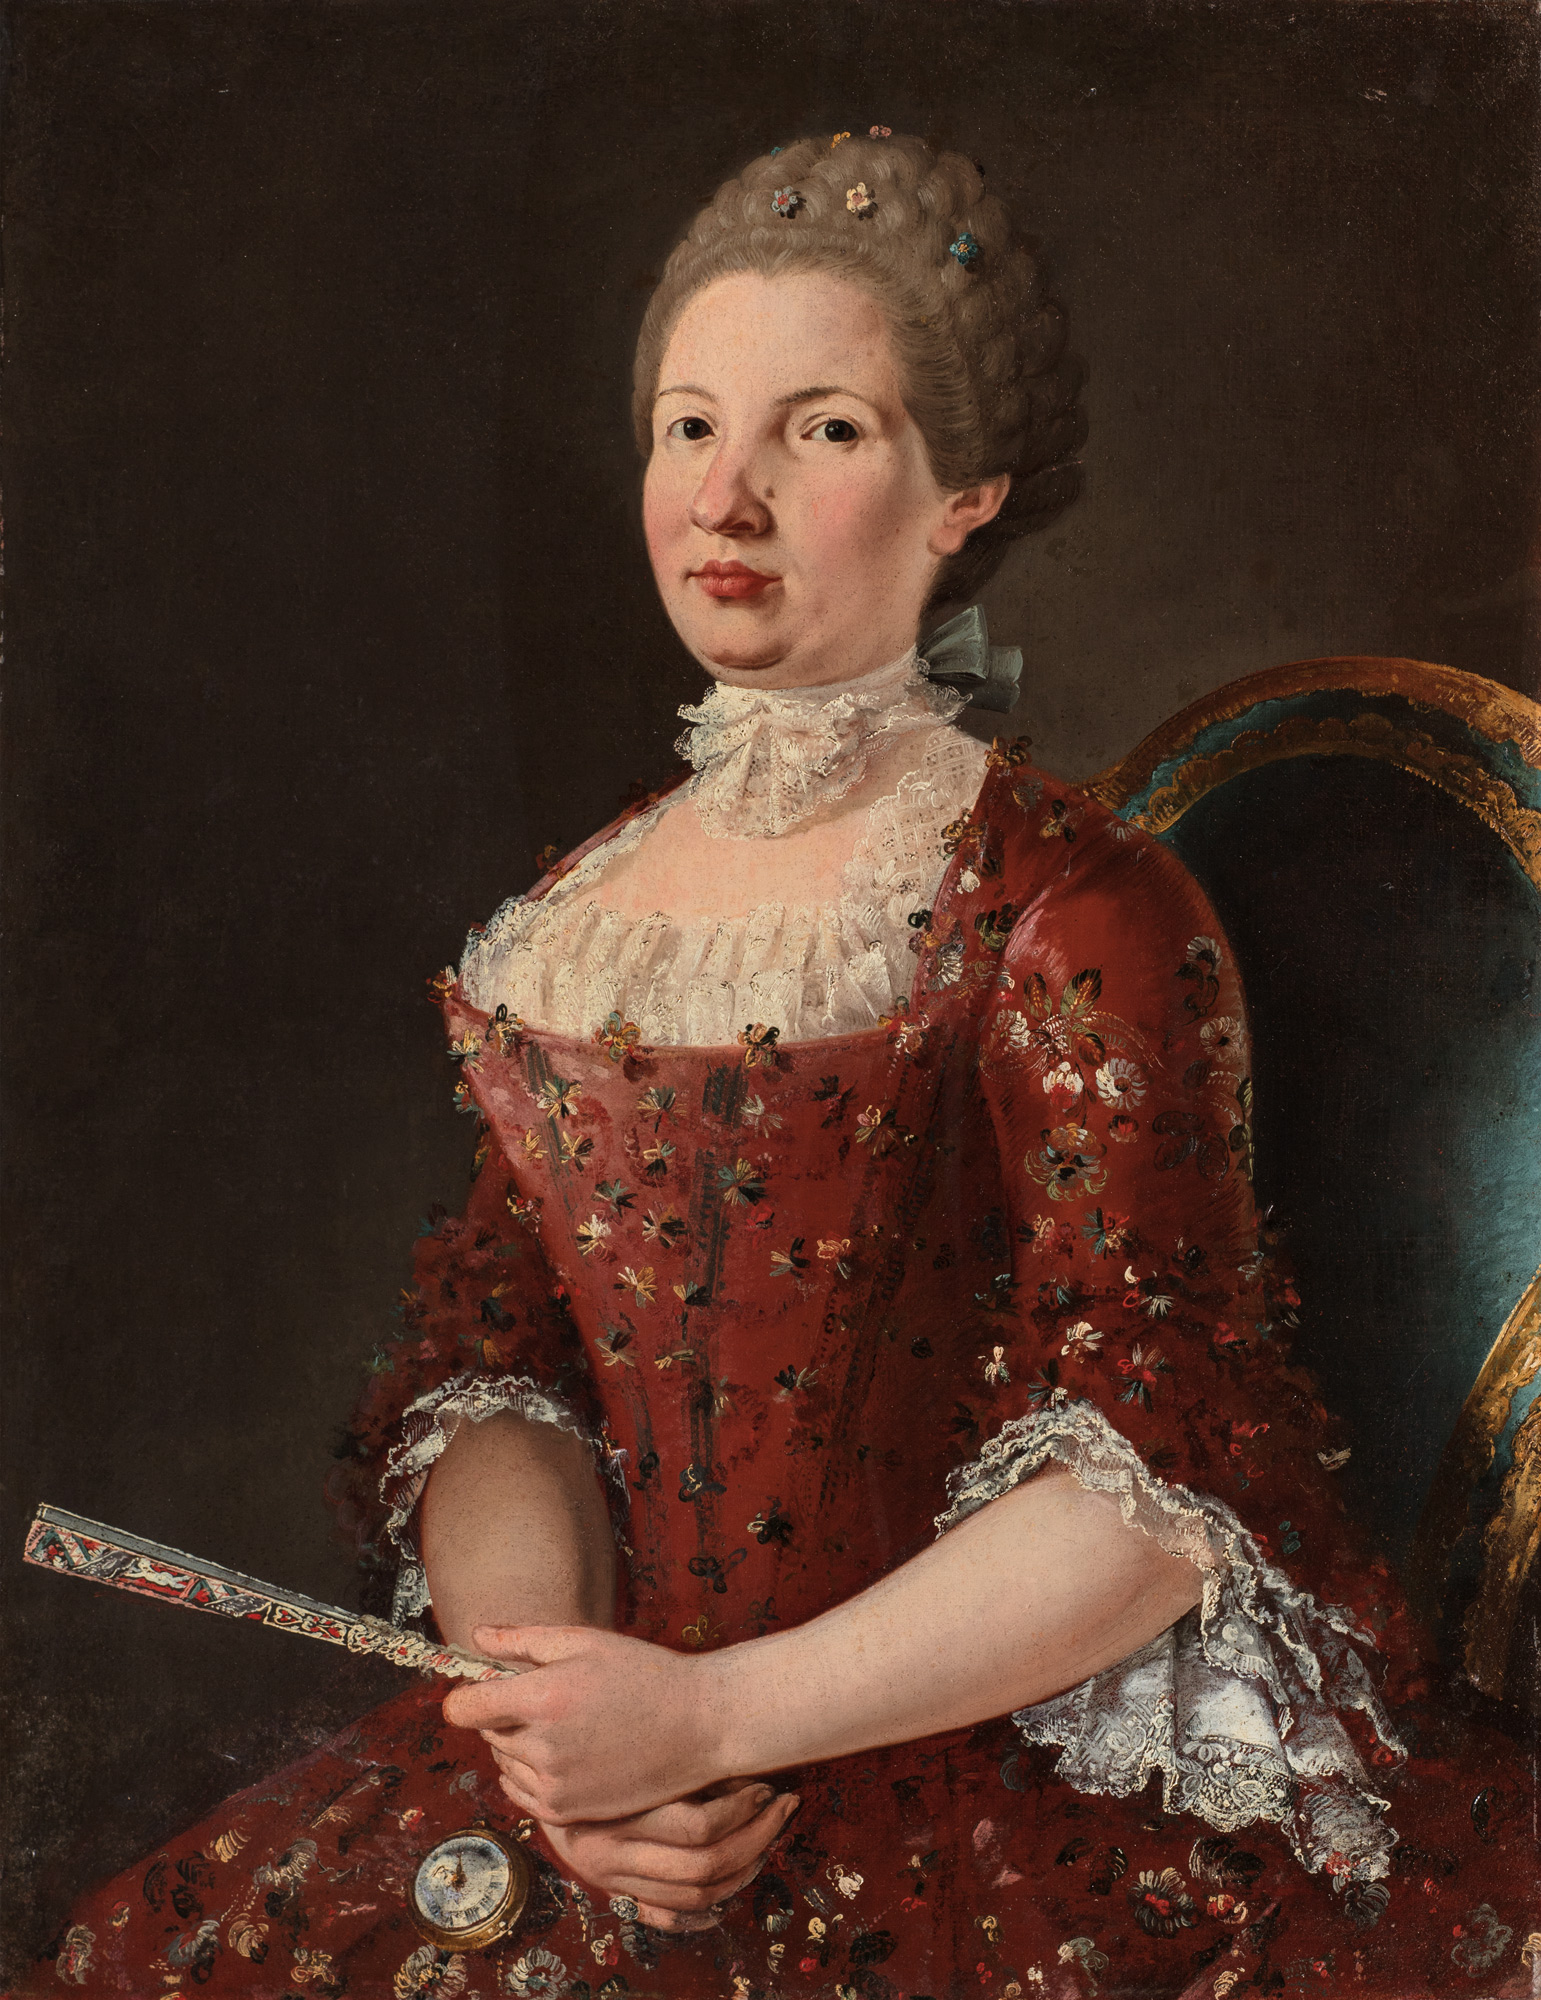 Ritratto di gentildonna a tre quarti di figura in abito di seta rossa con fiori di pizzo e merletti, un ventaglio tra le mani